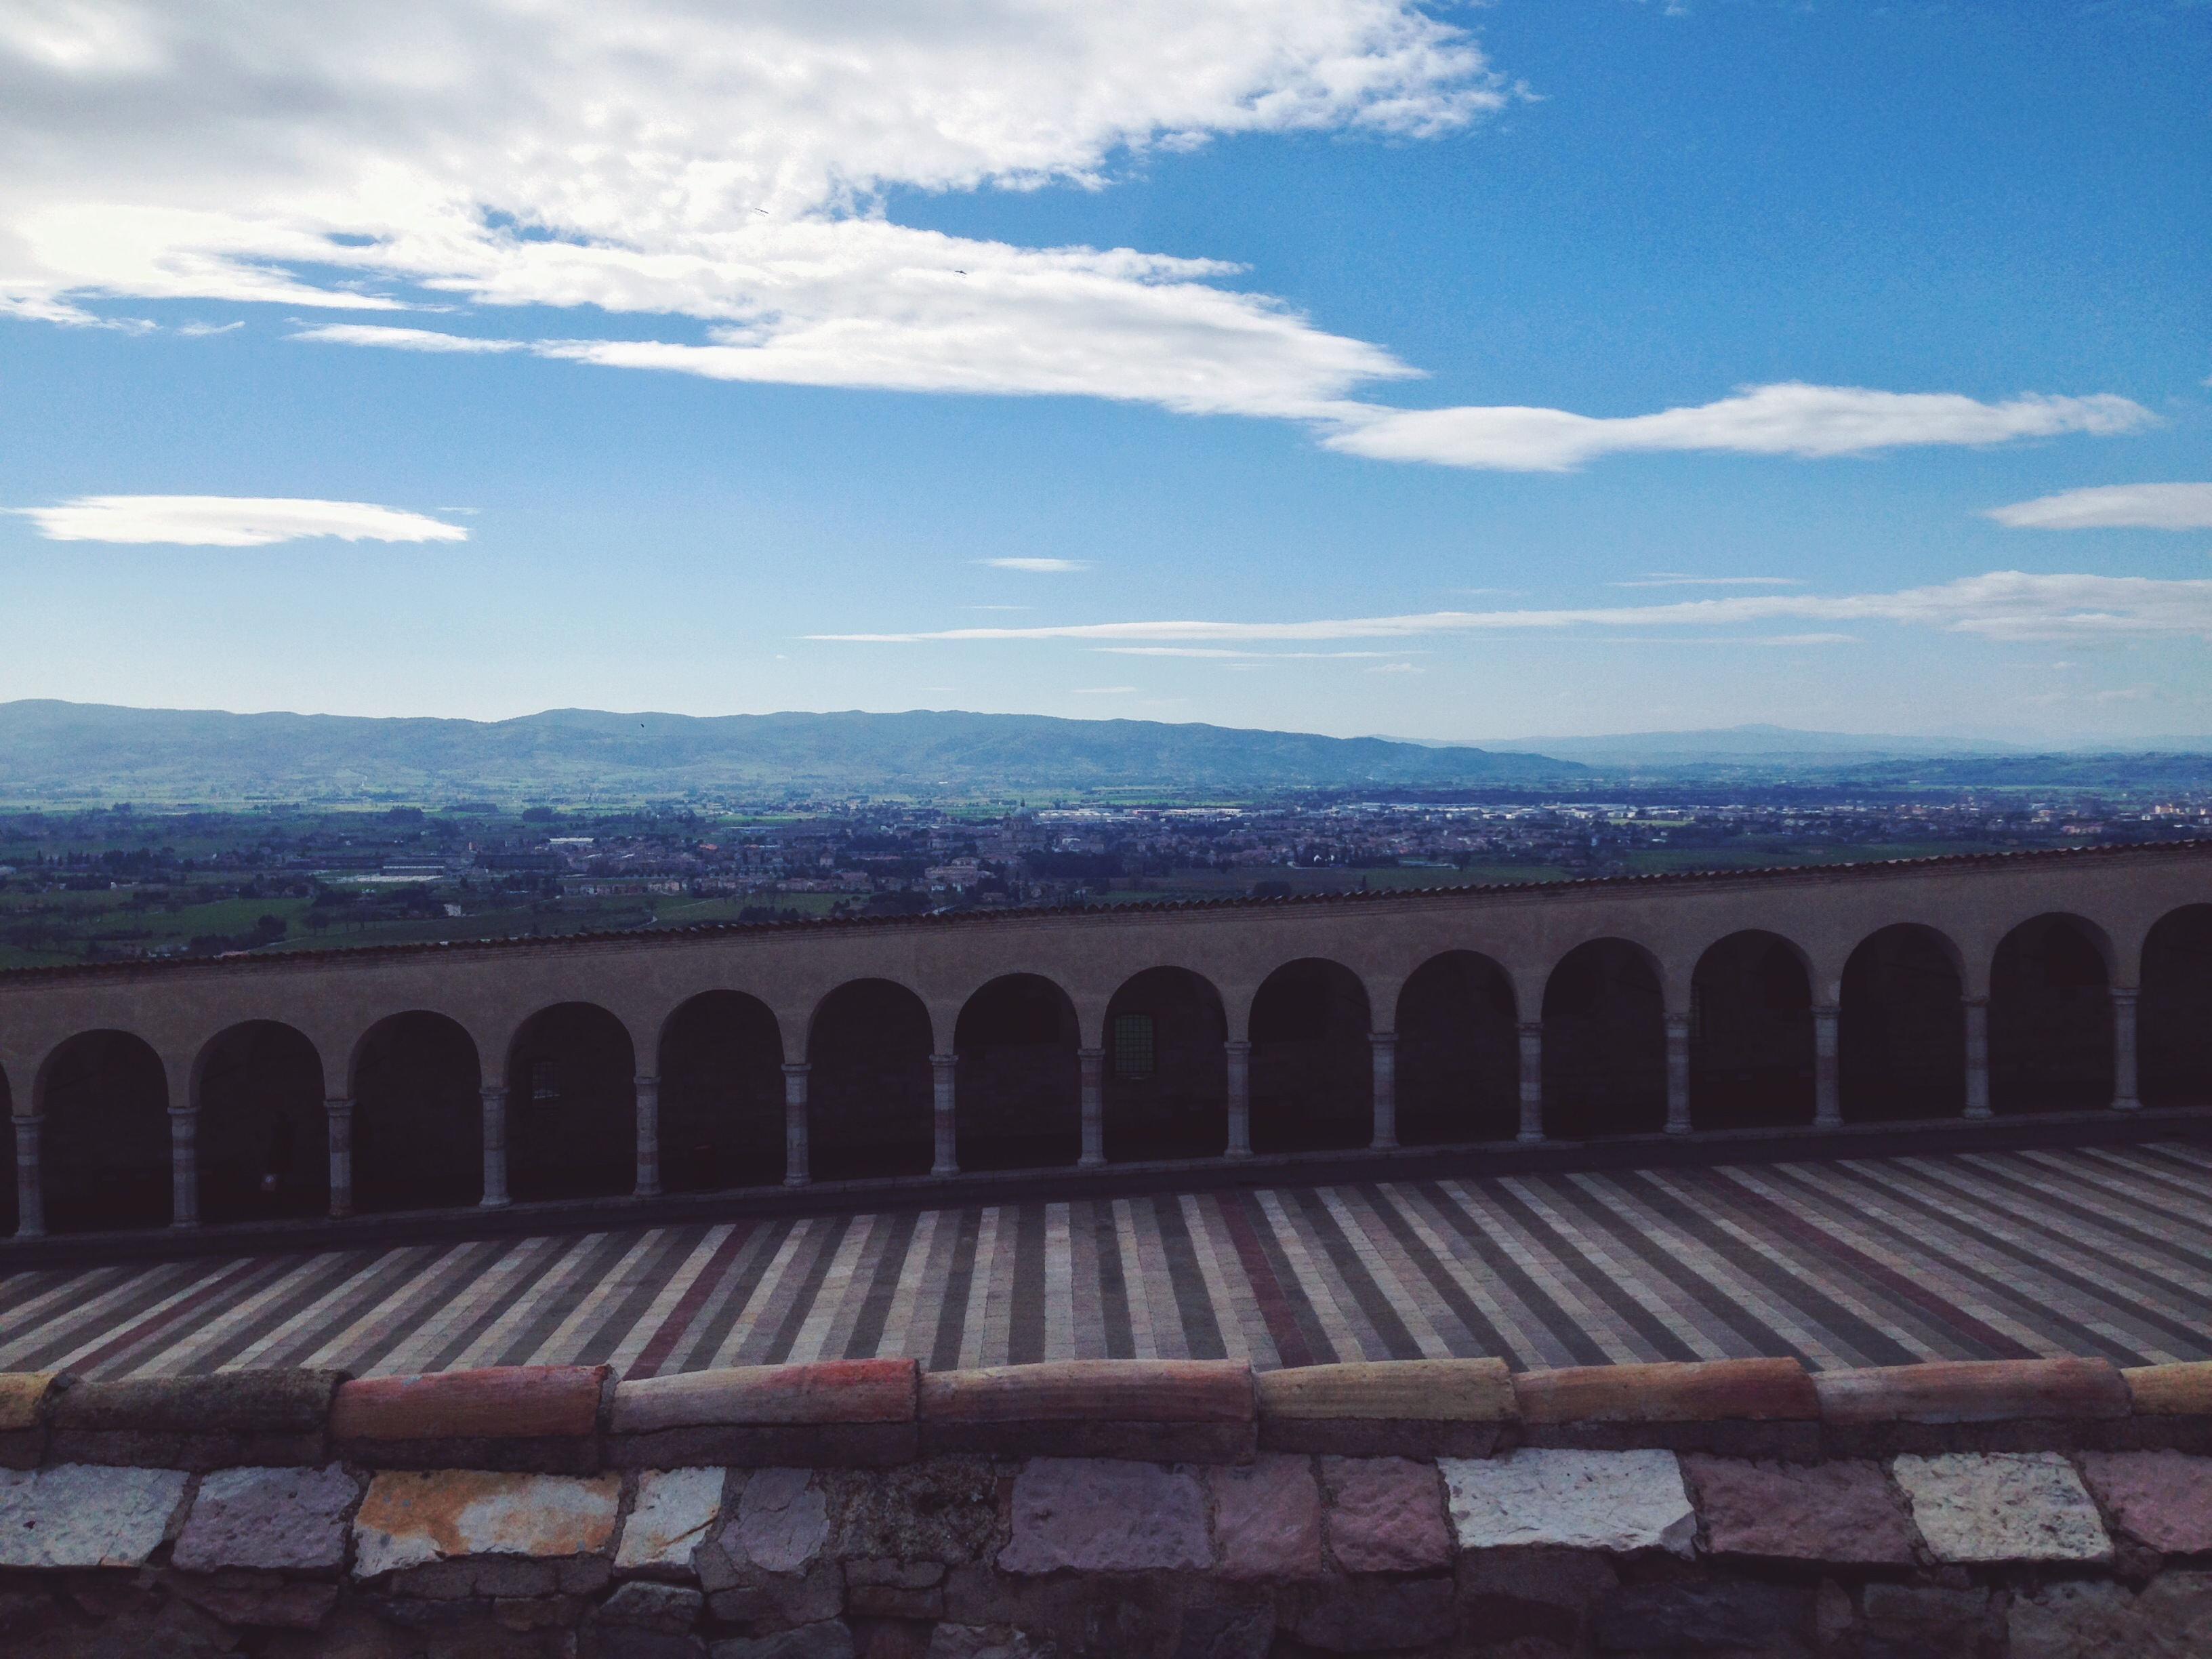 Geometrie 2 (in una silenziosa e rilassata Assisi)